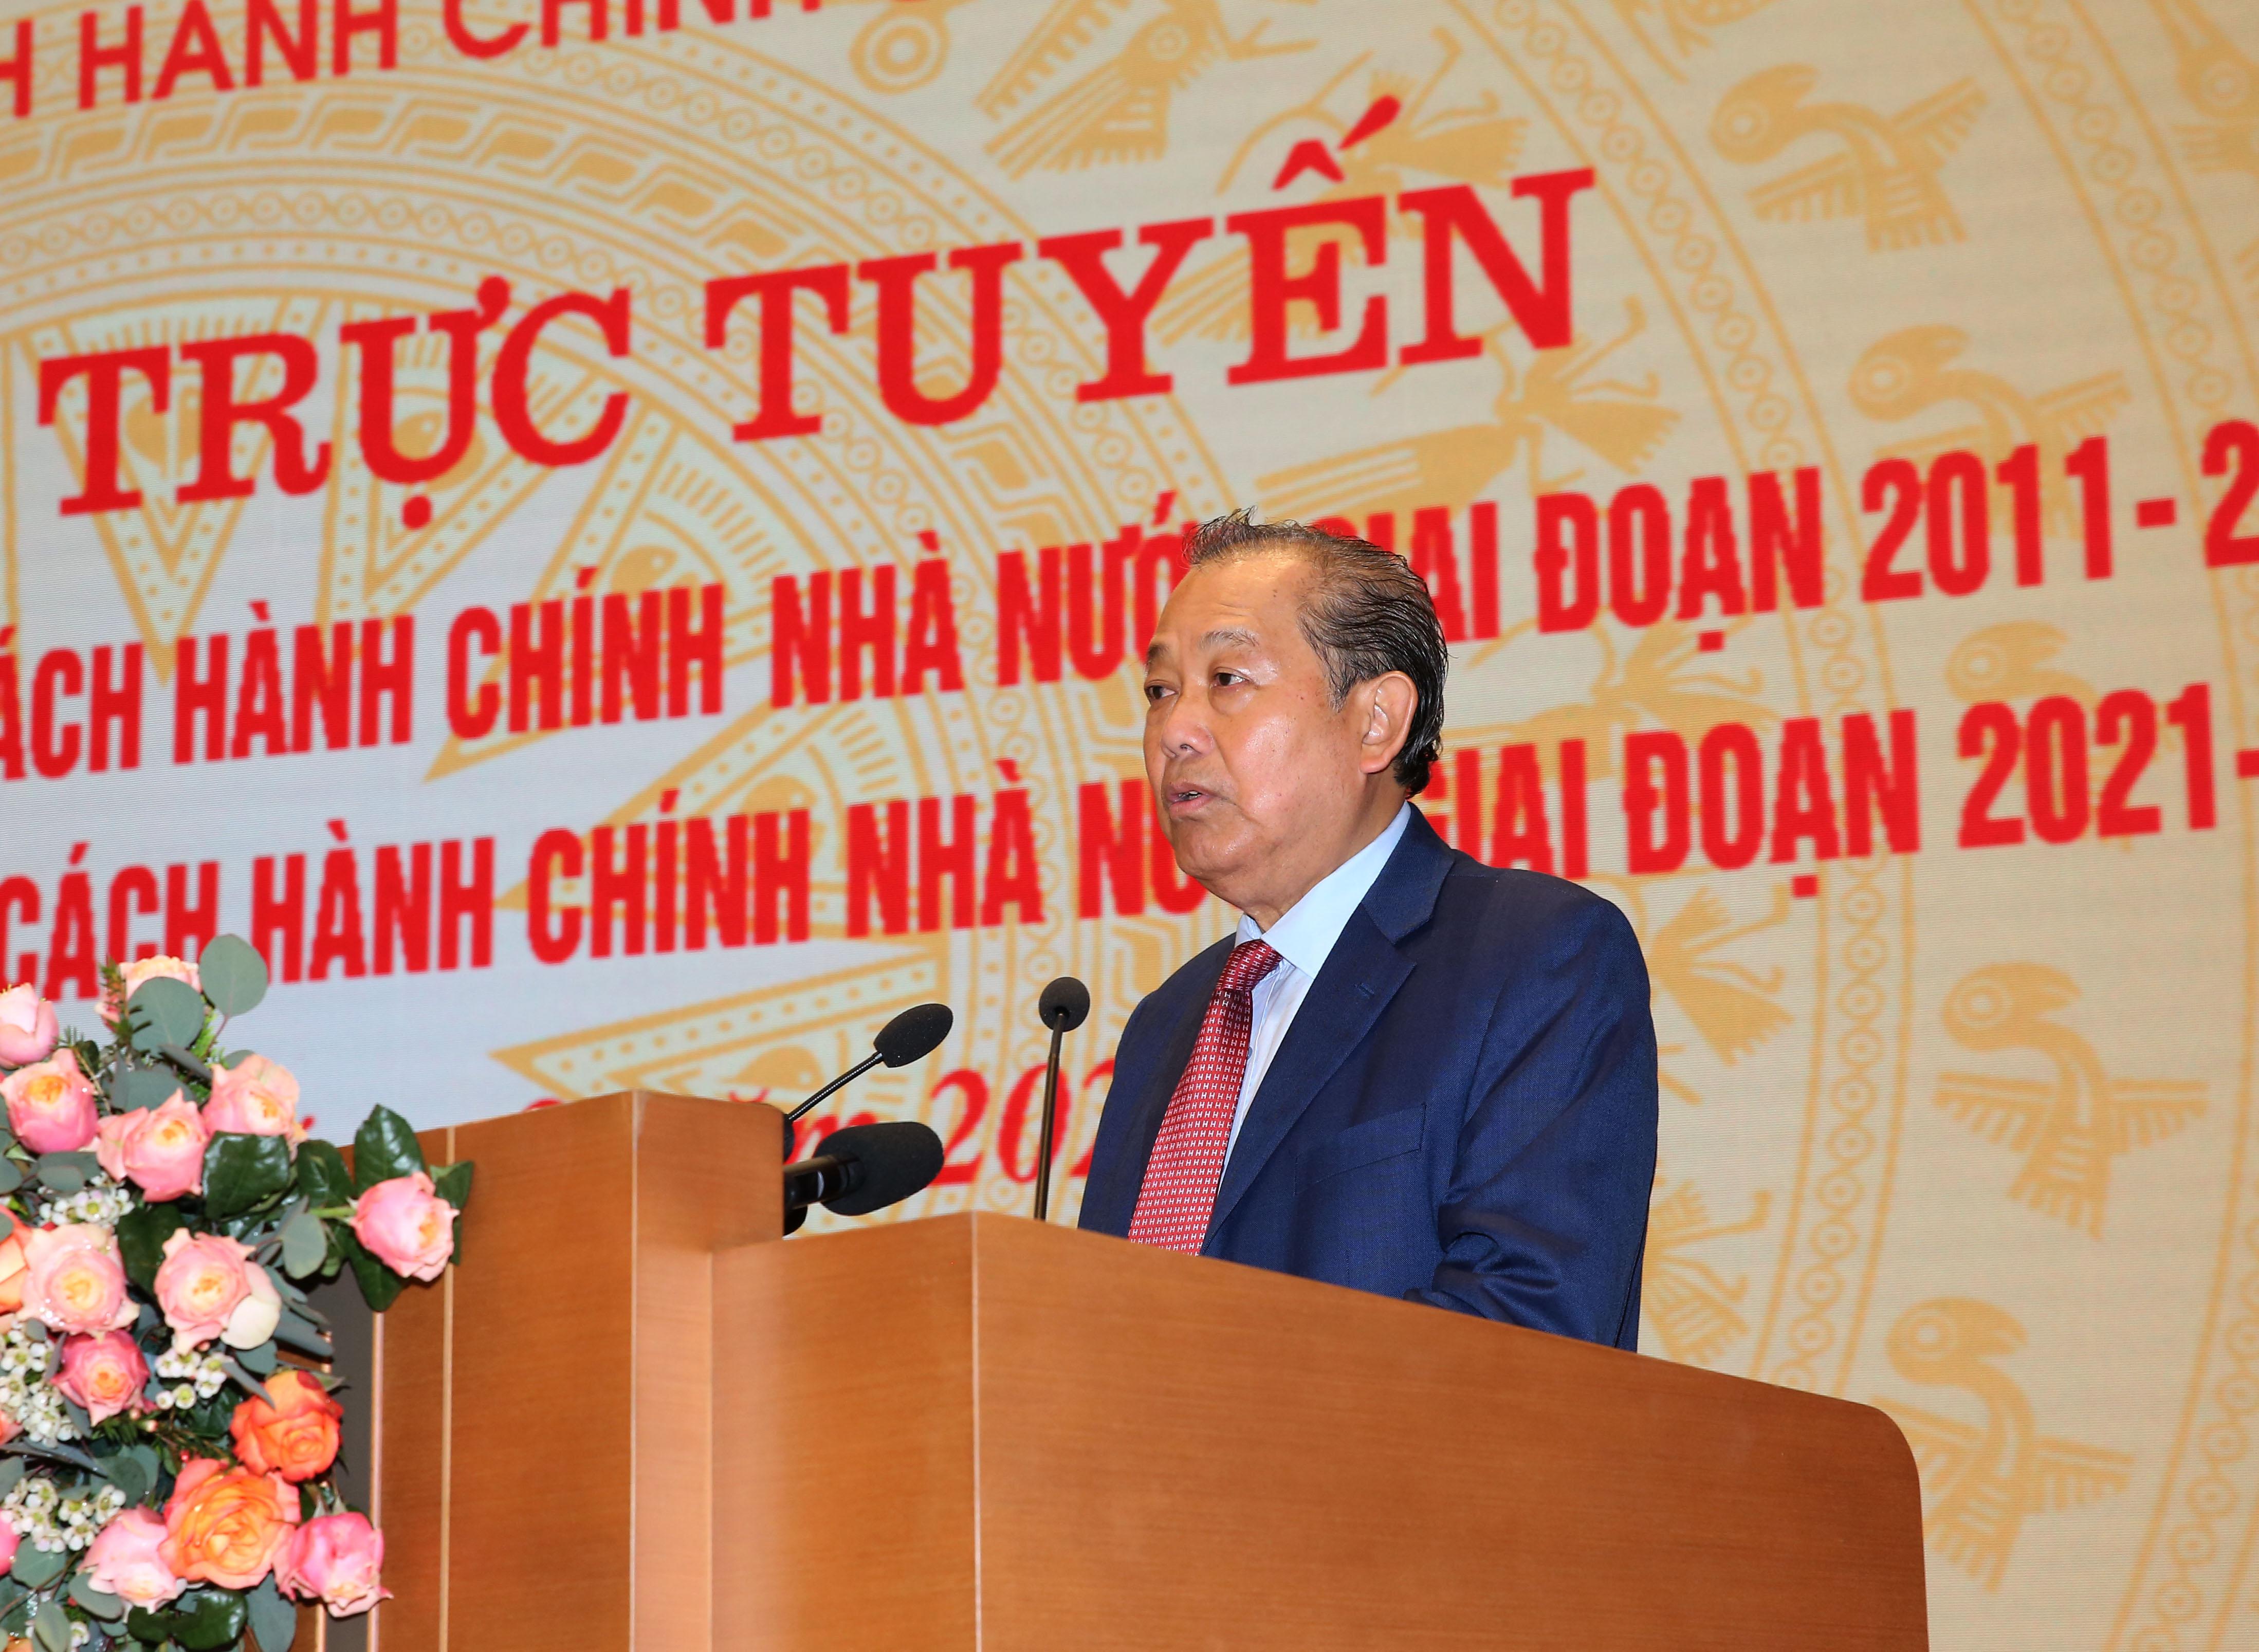 Phó Thủ tướng Thường trực Chính phủ Trương Hoà Bình phát biểu khai mạc Hội nghị. Ảnh: VGP/Lê Sơn